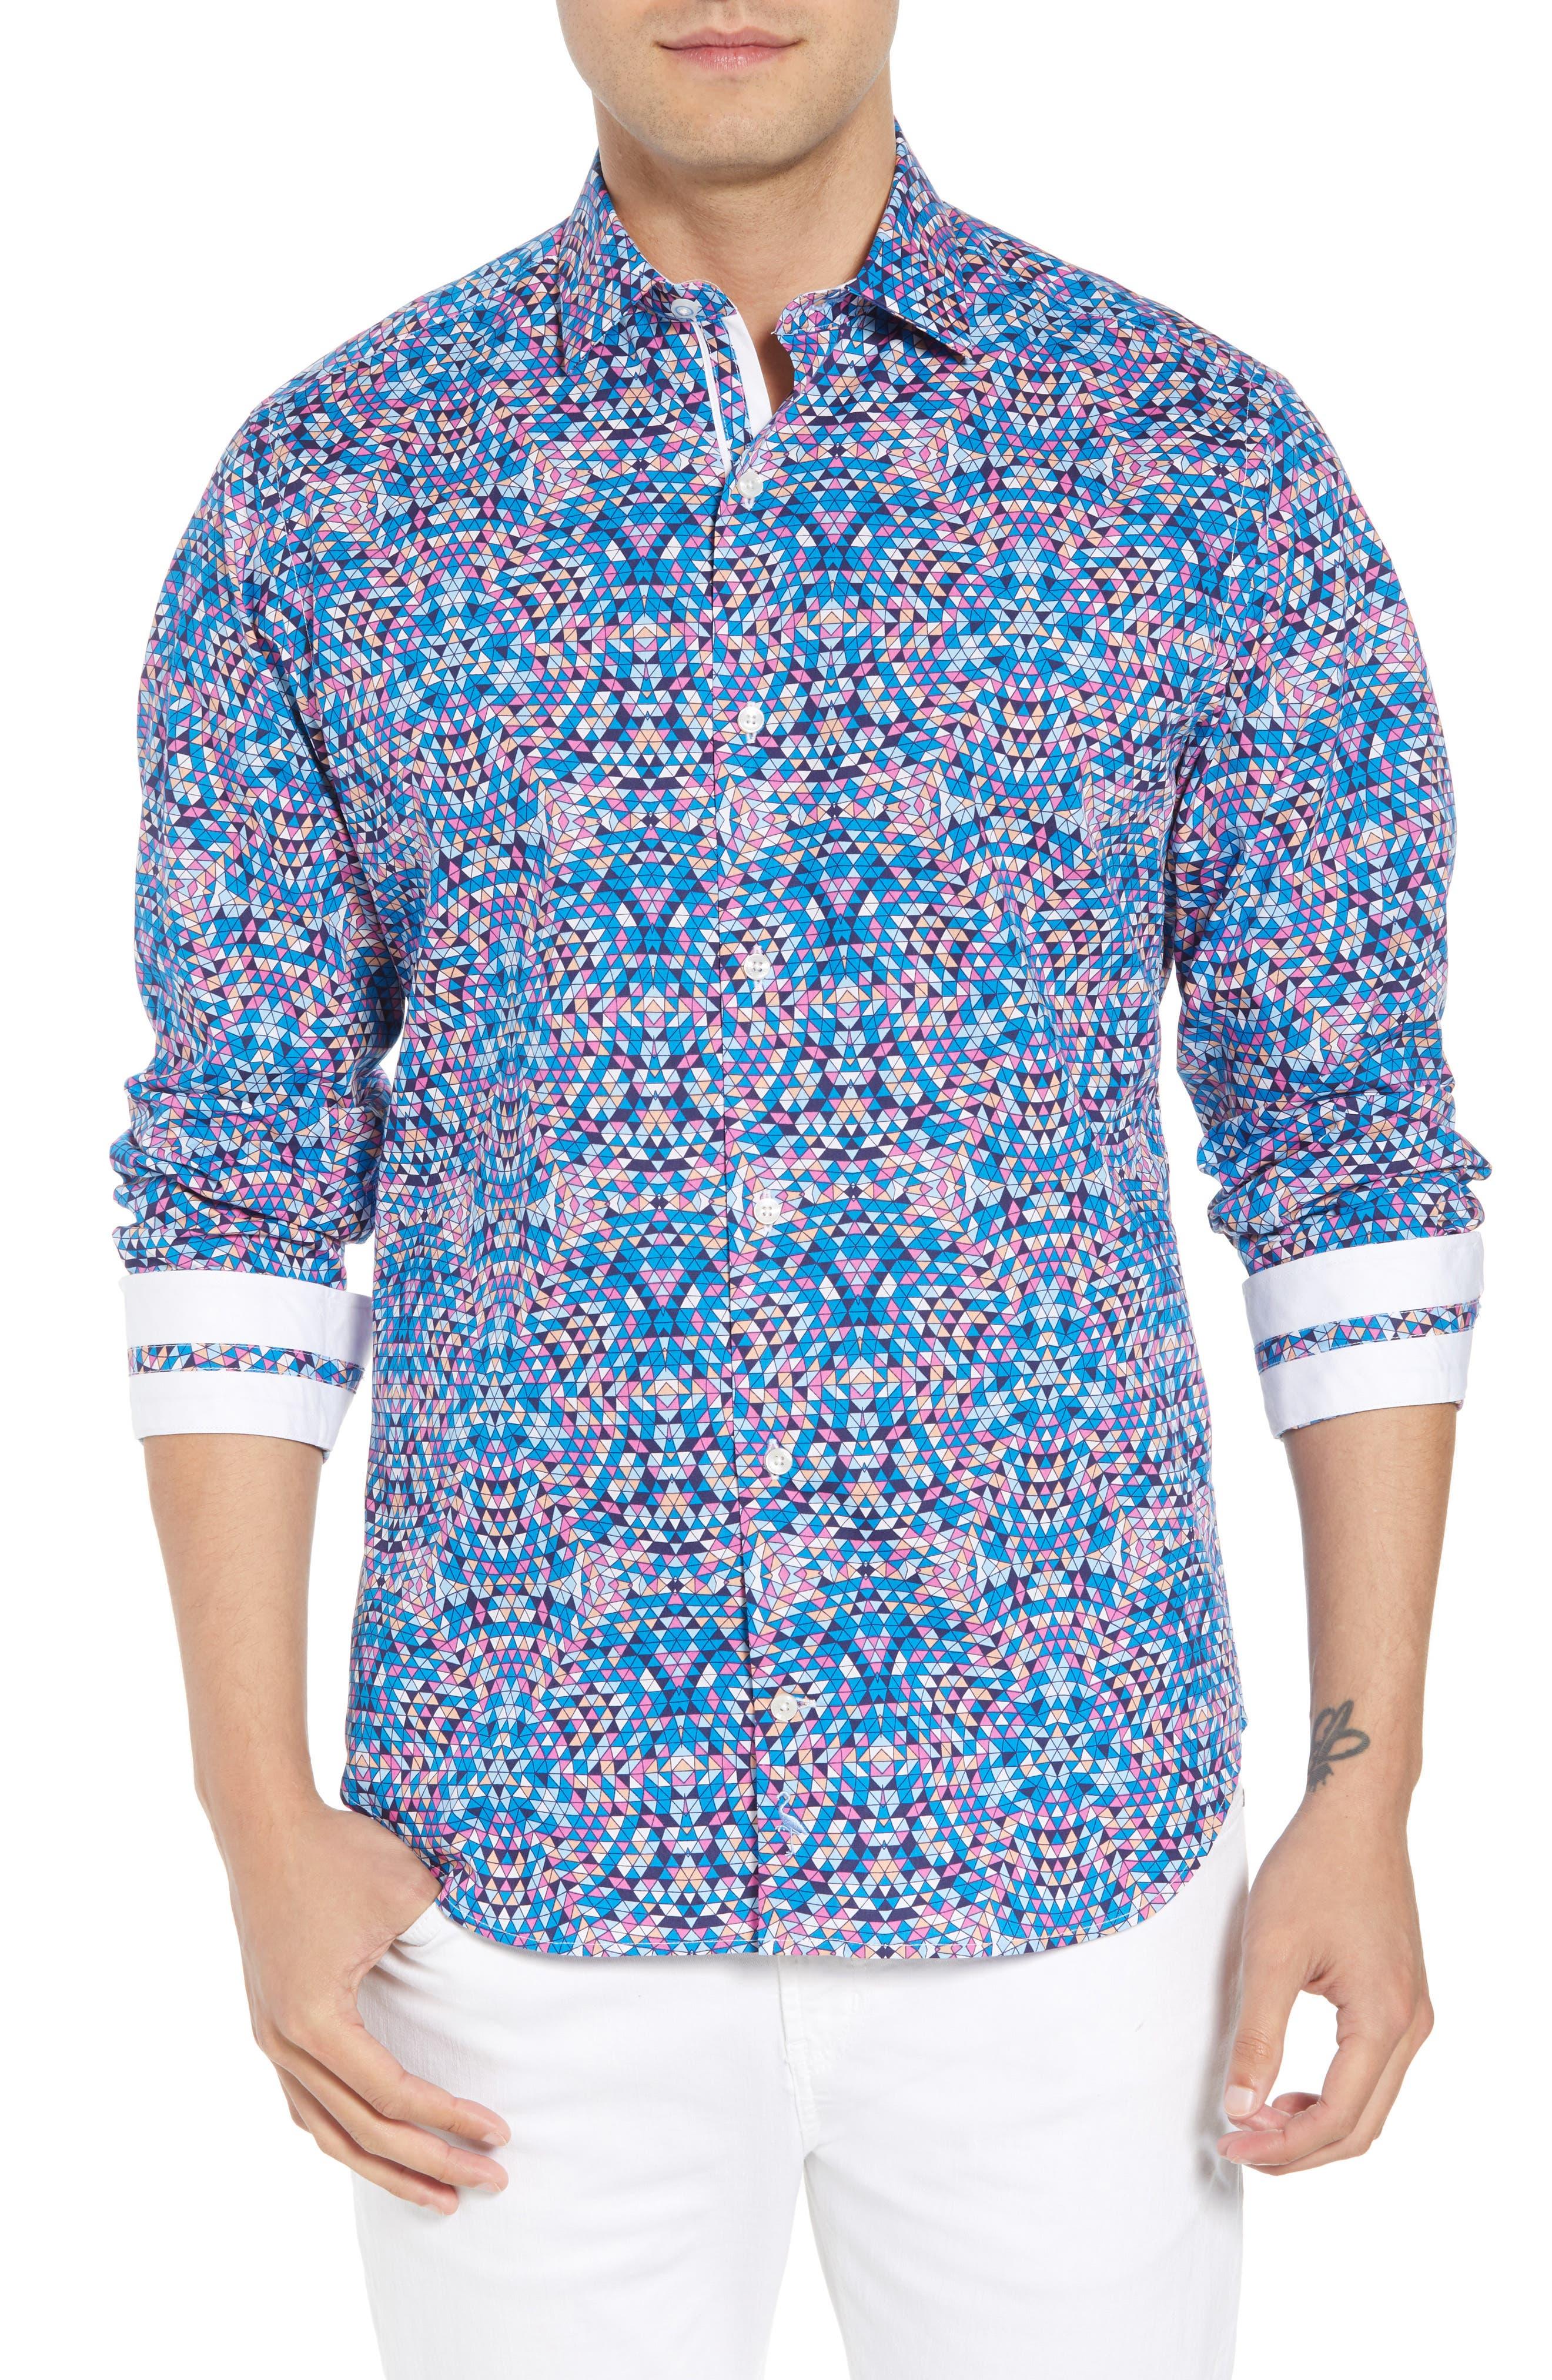 Alden Regular Fit Sport Shirt,                         Main,                         color, Teal